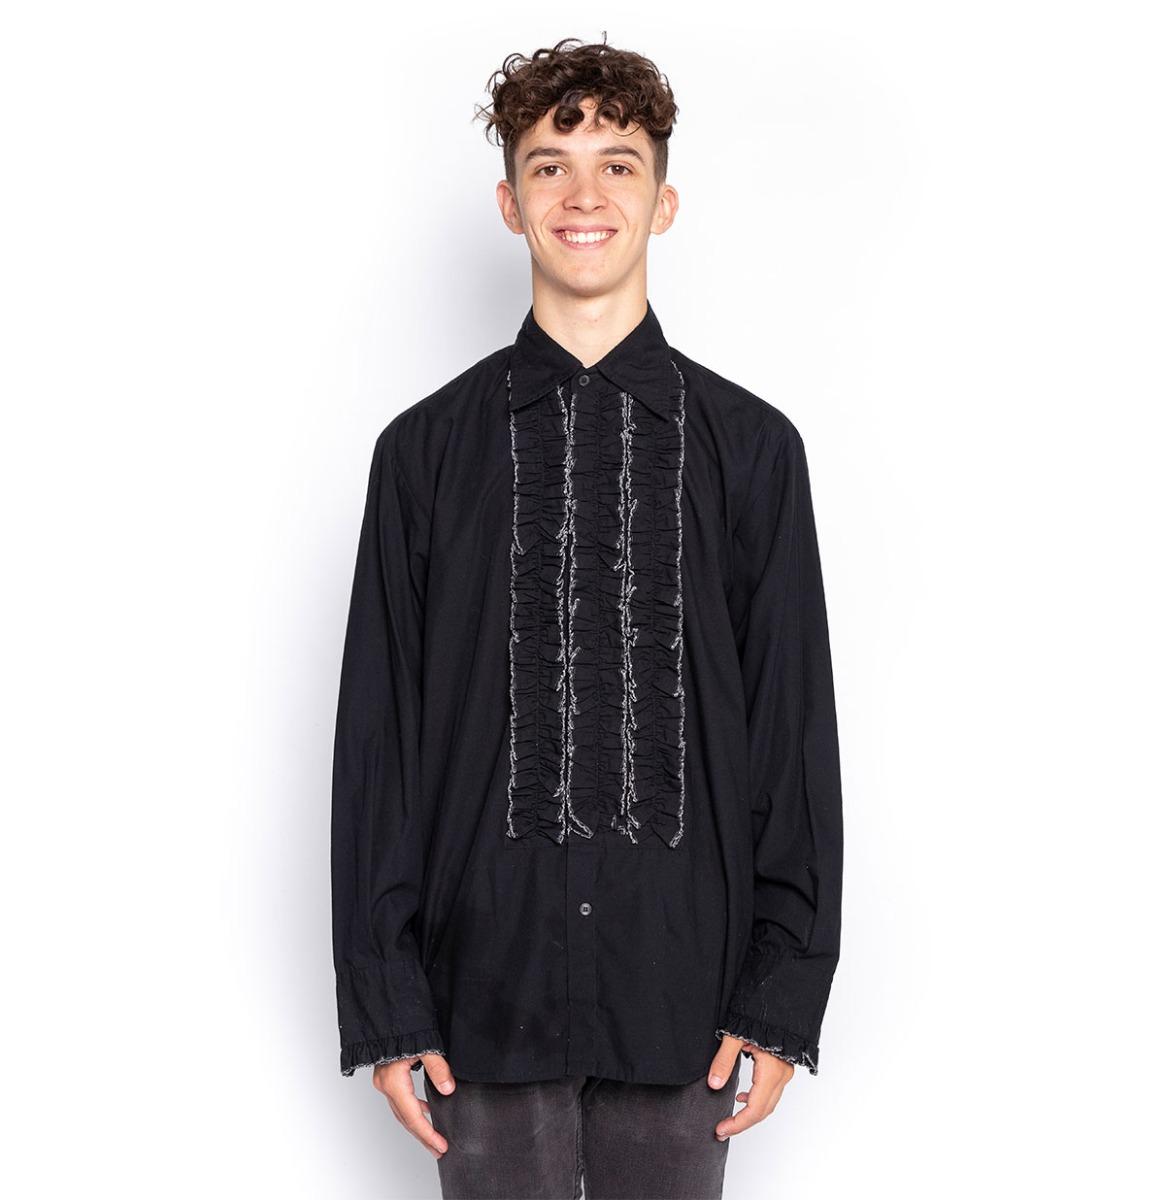 Ruffles Shirt Black with White Ruffles - S - Used